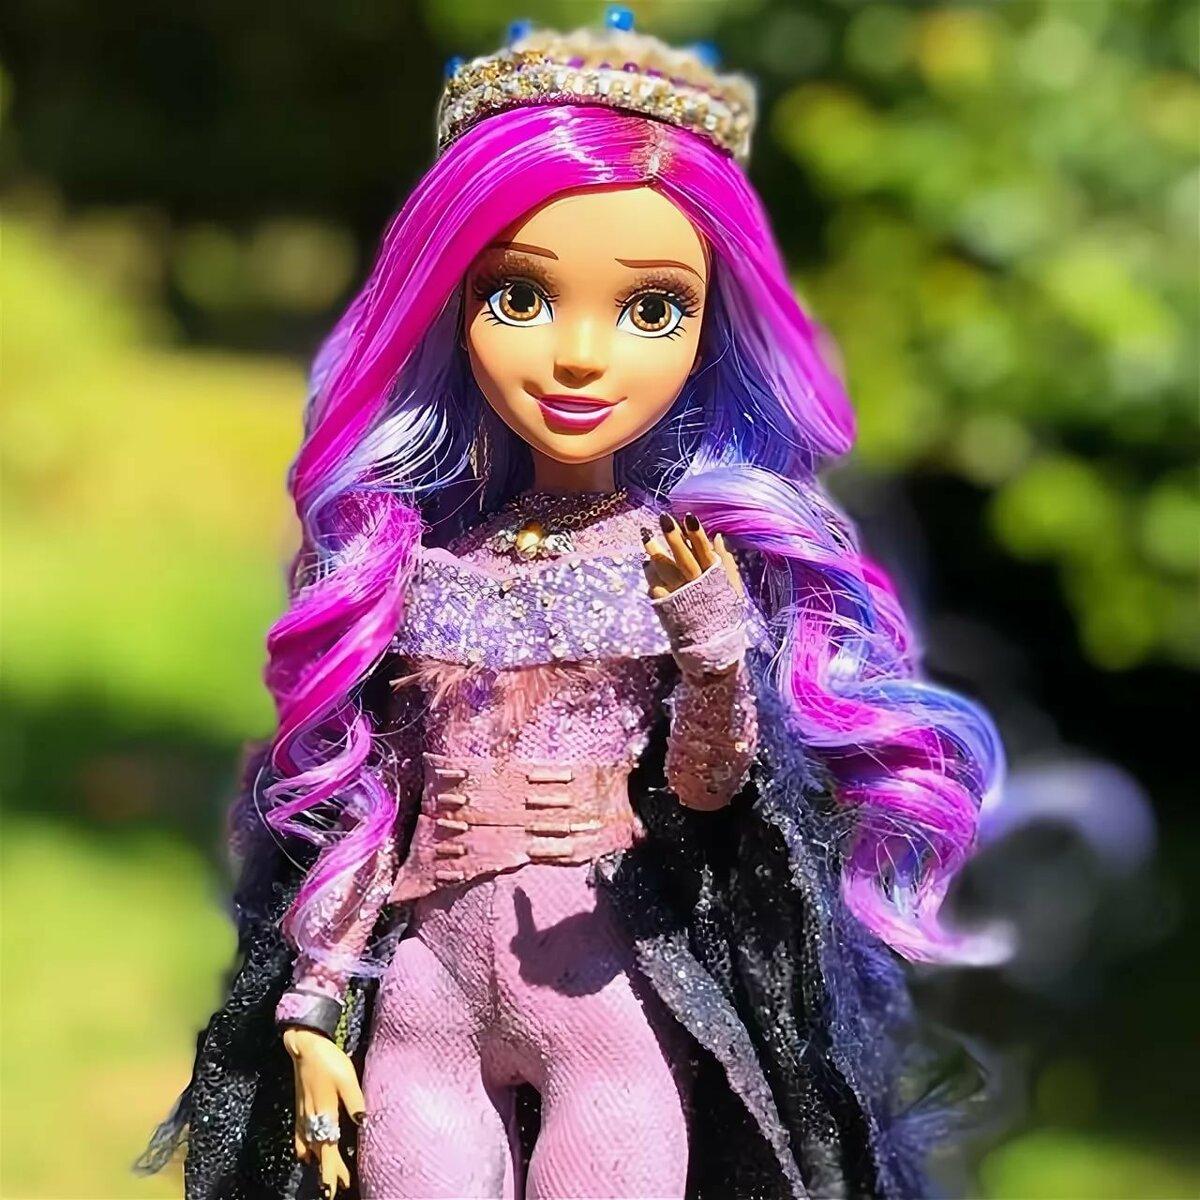 Найти фотографии кукол наследников